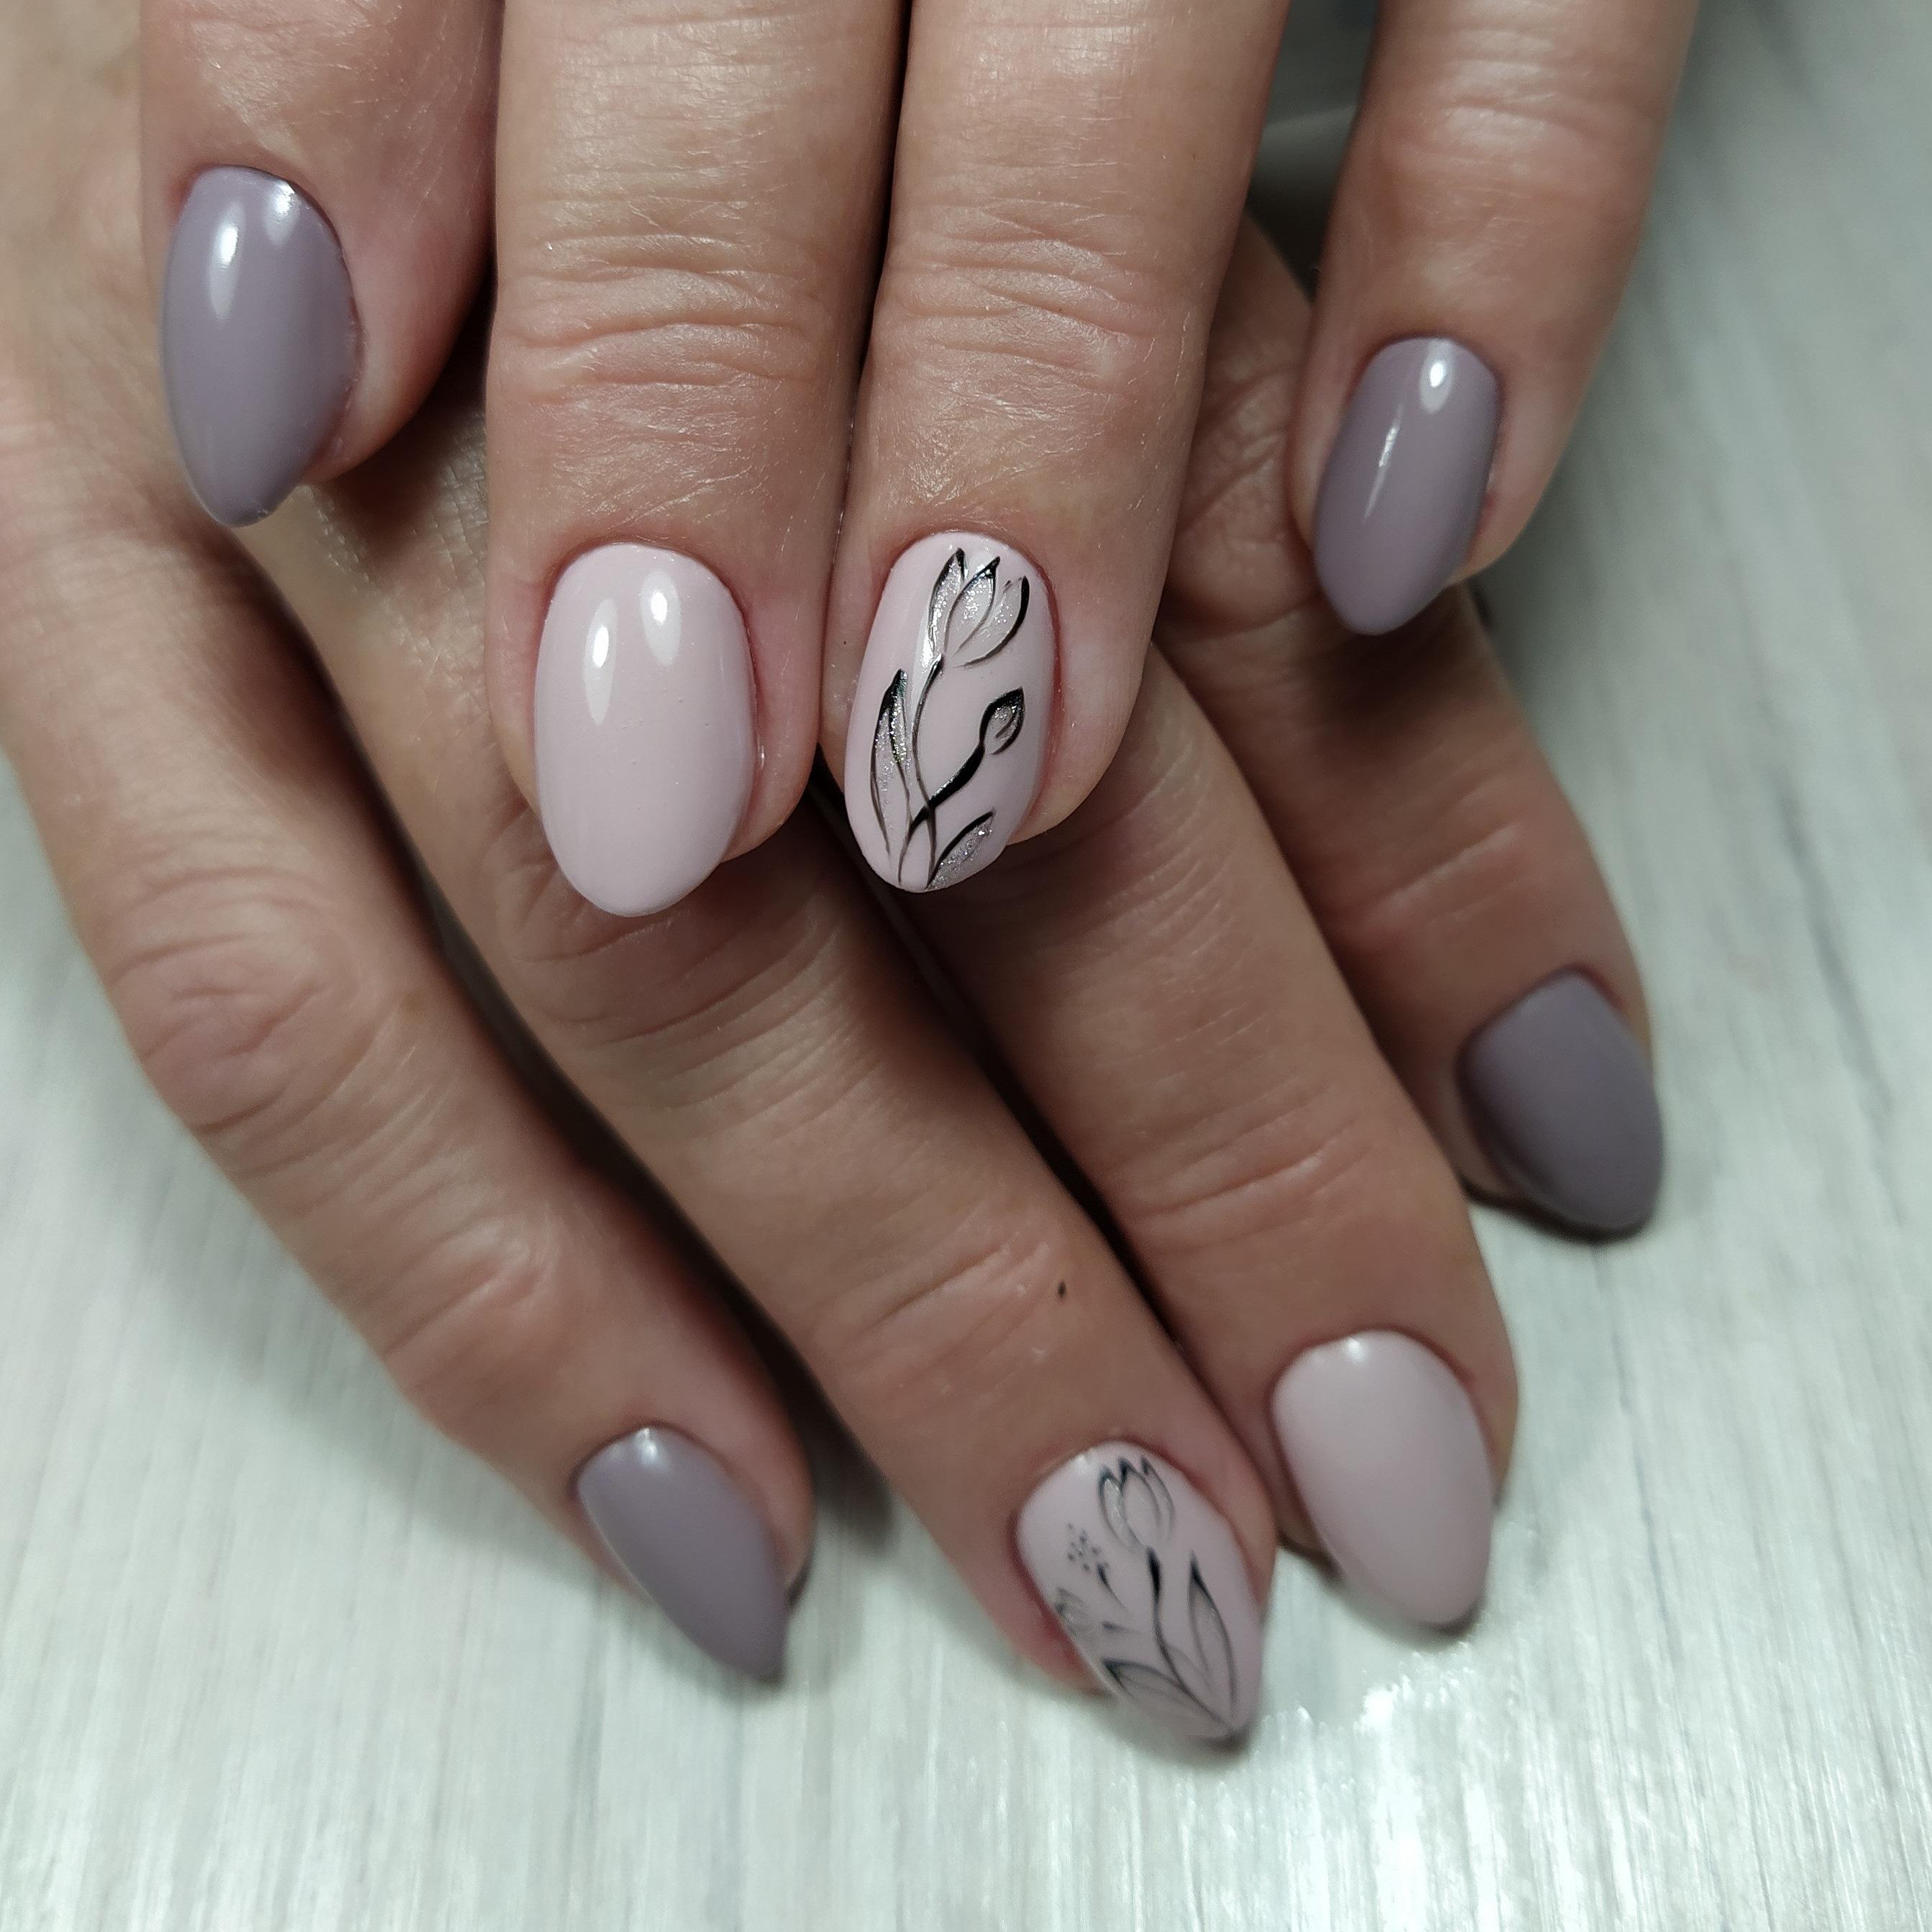 Маникюр с цветочным рисунком в пастельных тонах на короткие ногти.